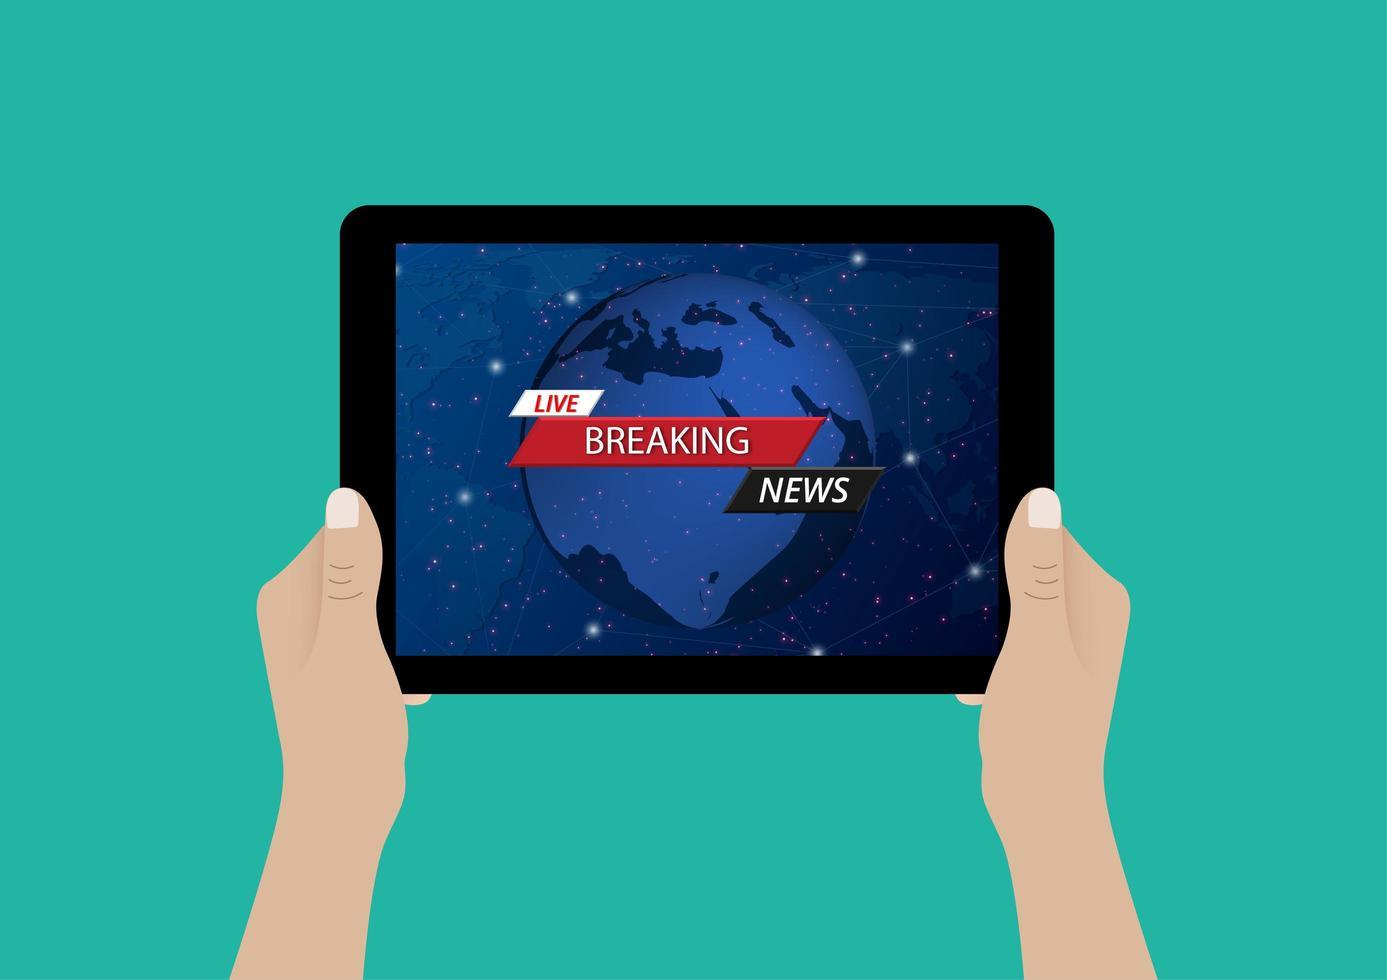 nyhetsartikel på nätet på surfplattan vektor